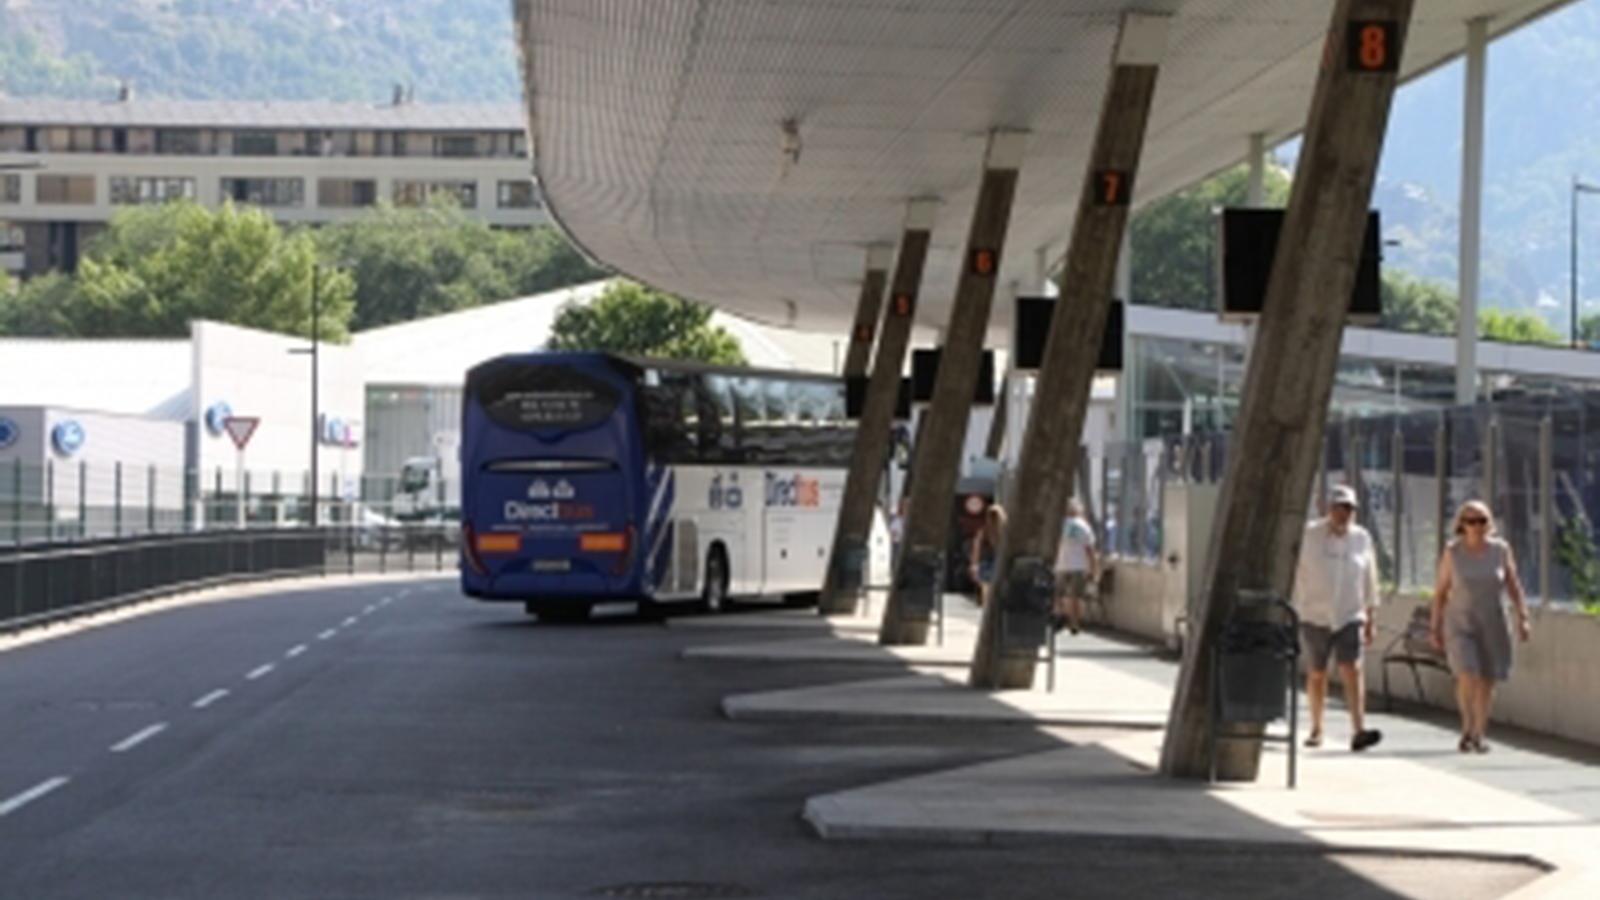 Un autobus de Direct Bus a l'estació